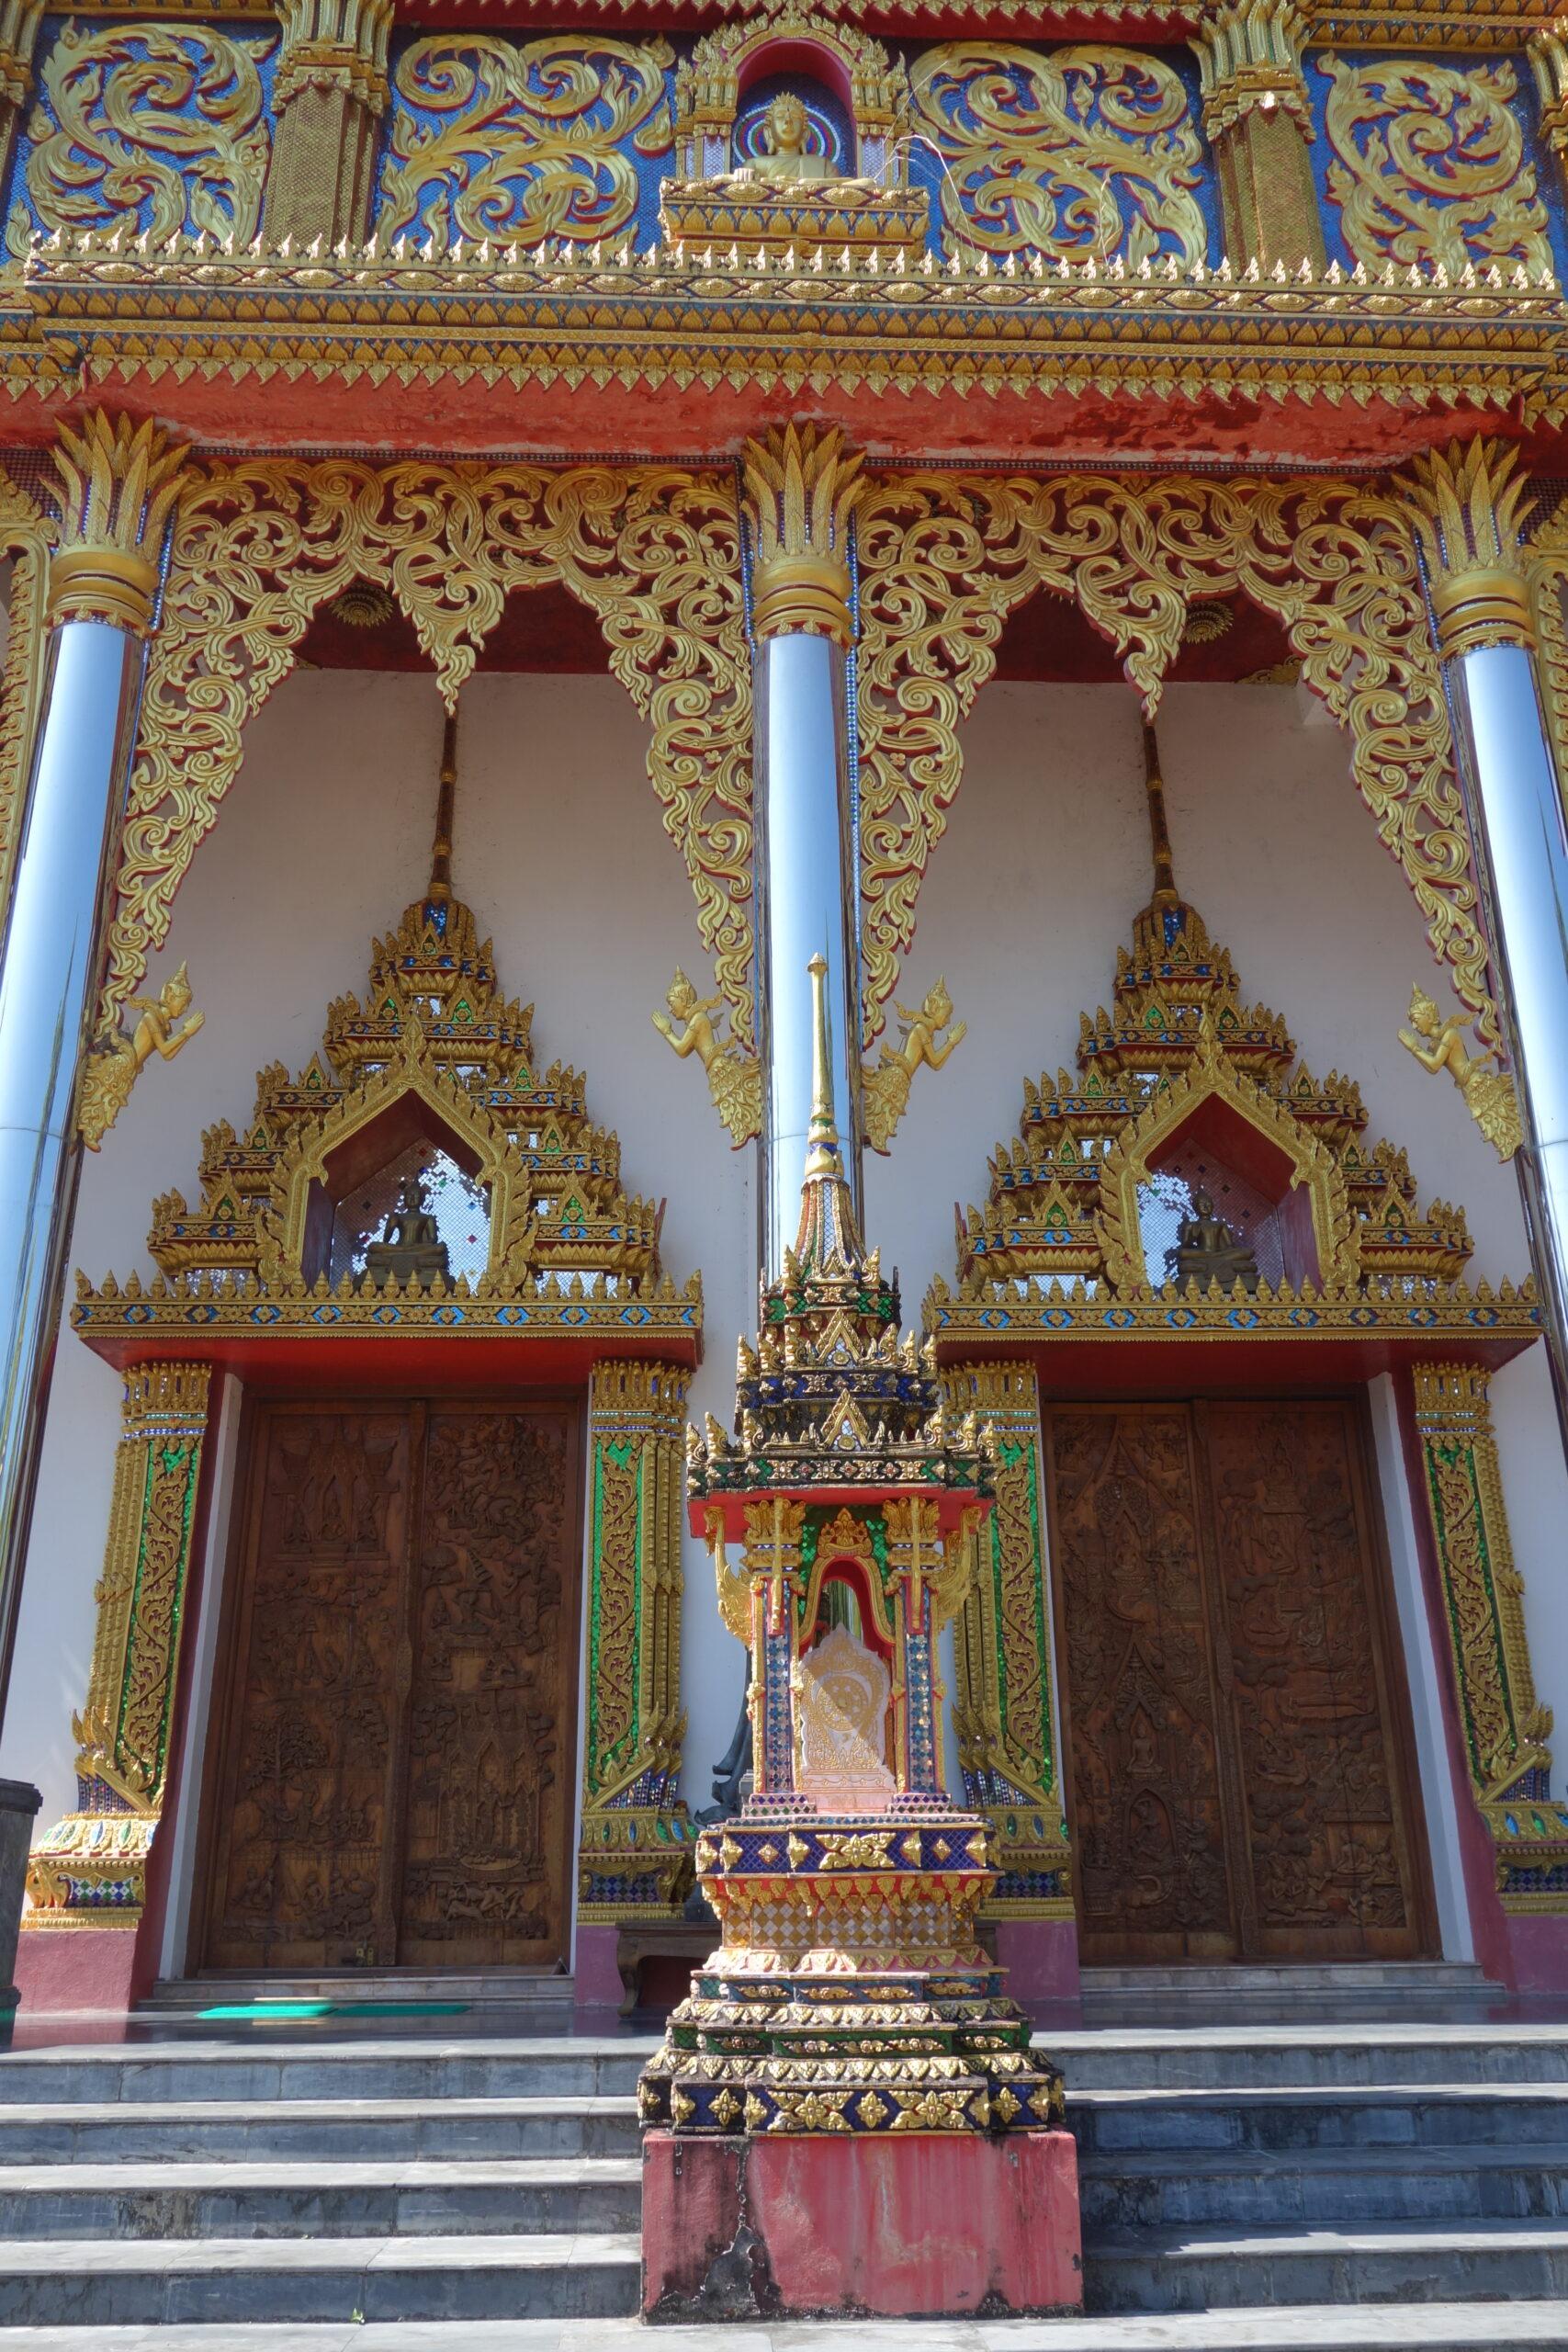 Thai Sangkhlaburi Wat wang Wiwekaram